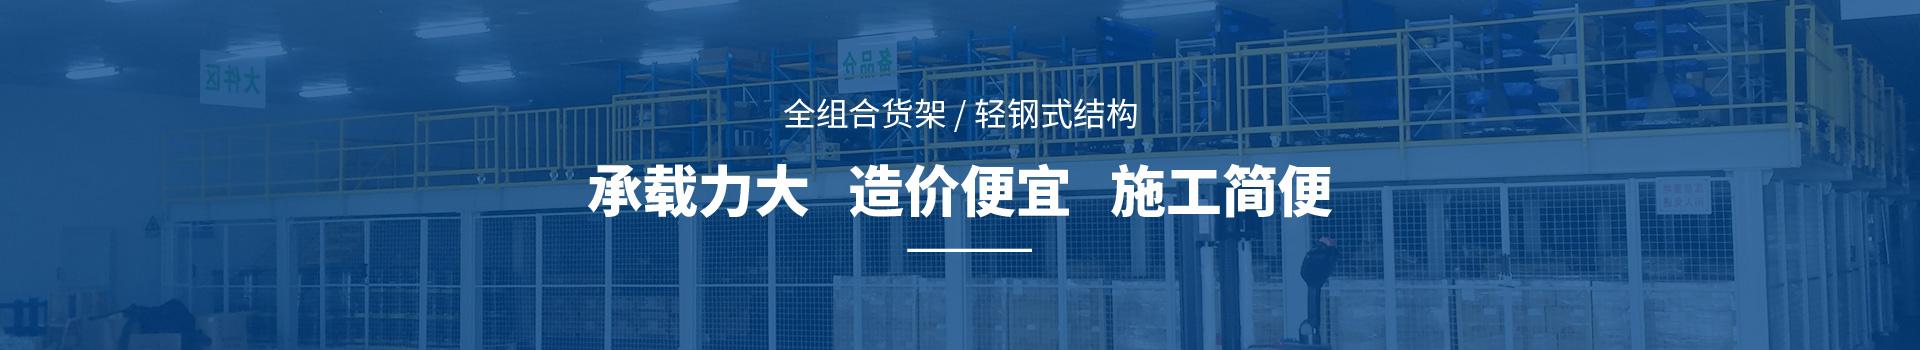 森沃仓储钢平台承载力大,施工简便